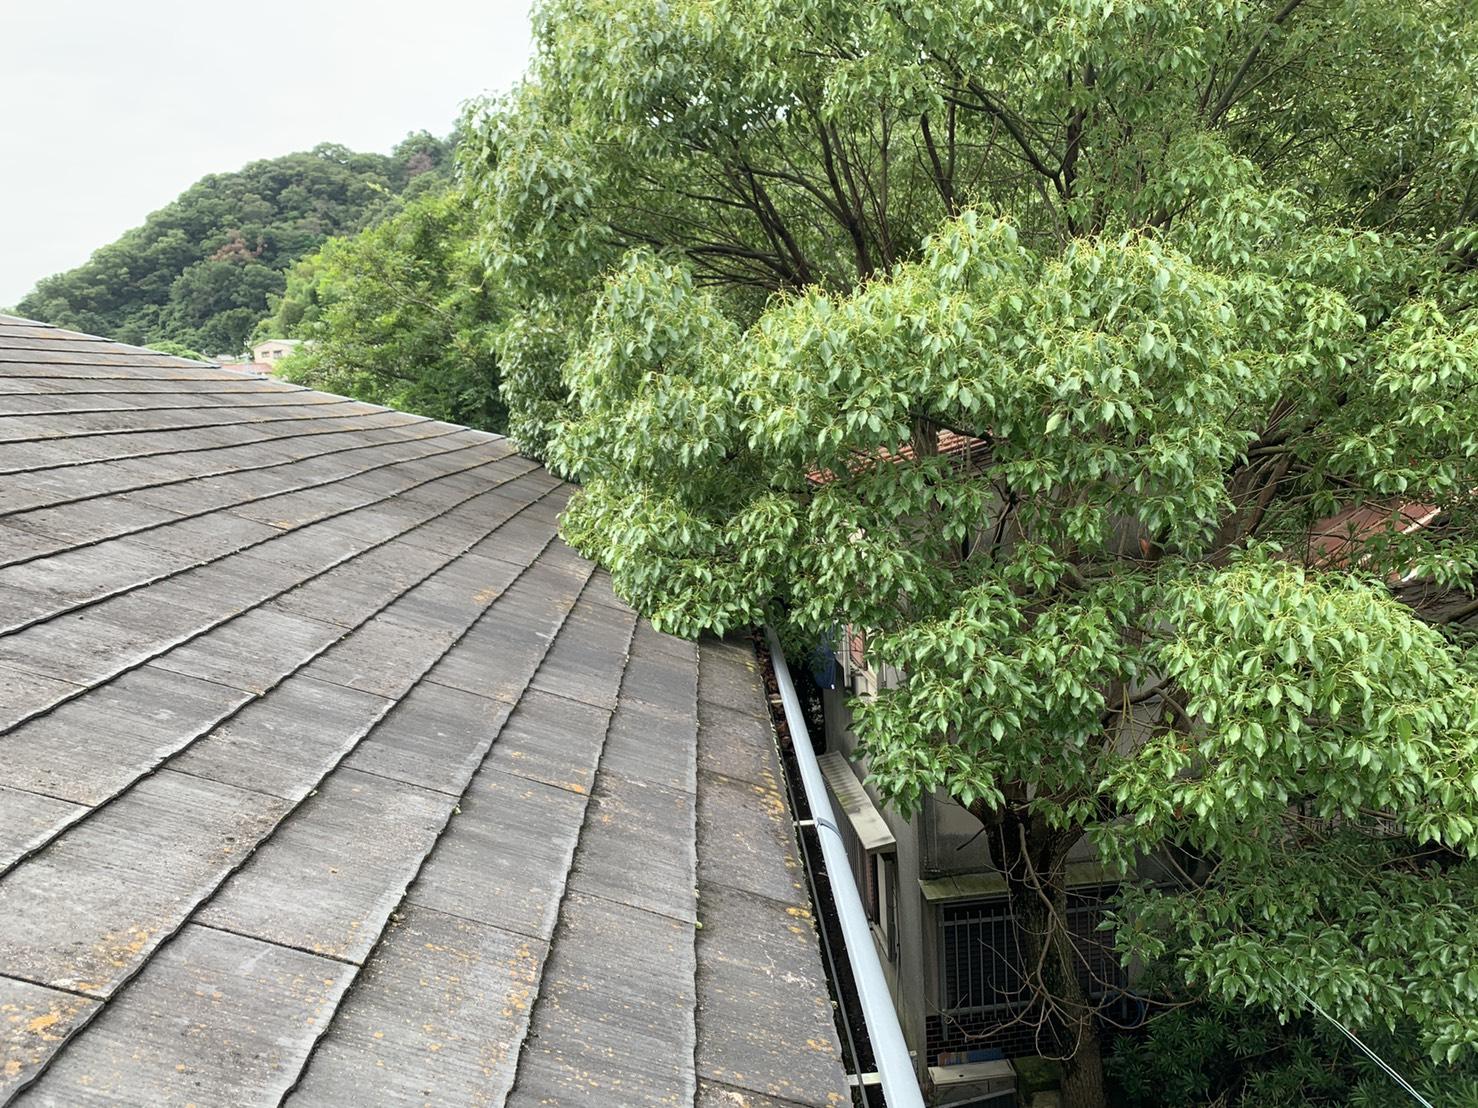 雨樋からの水漏れ調査で見た屋根上に生い茂った木の様子